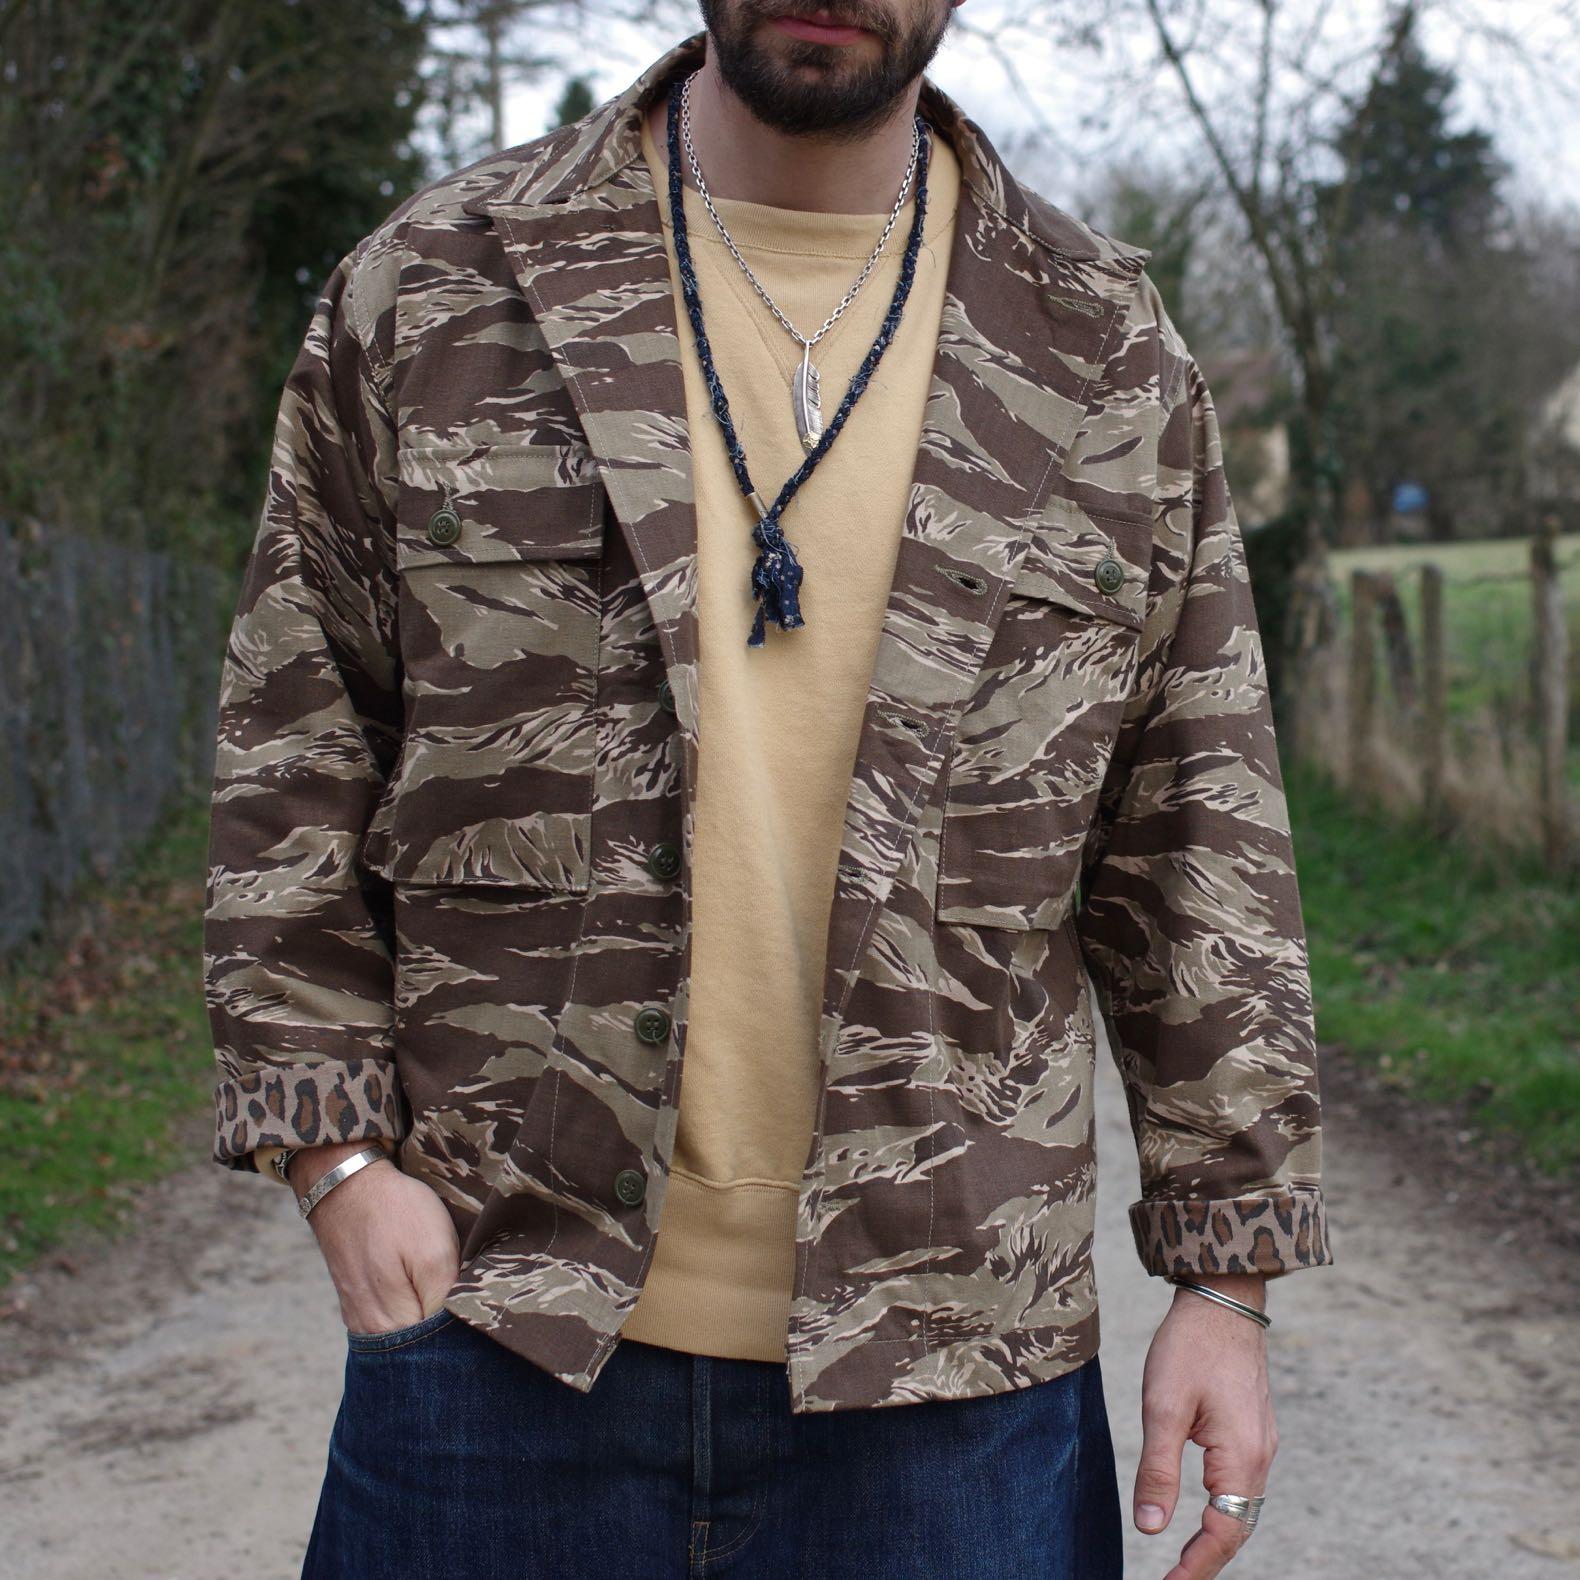 surchemise chemise militaire P43 de la marque Arashi Denim faite dans un deadstock d'une matière japonaise